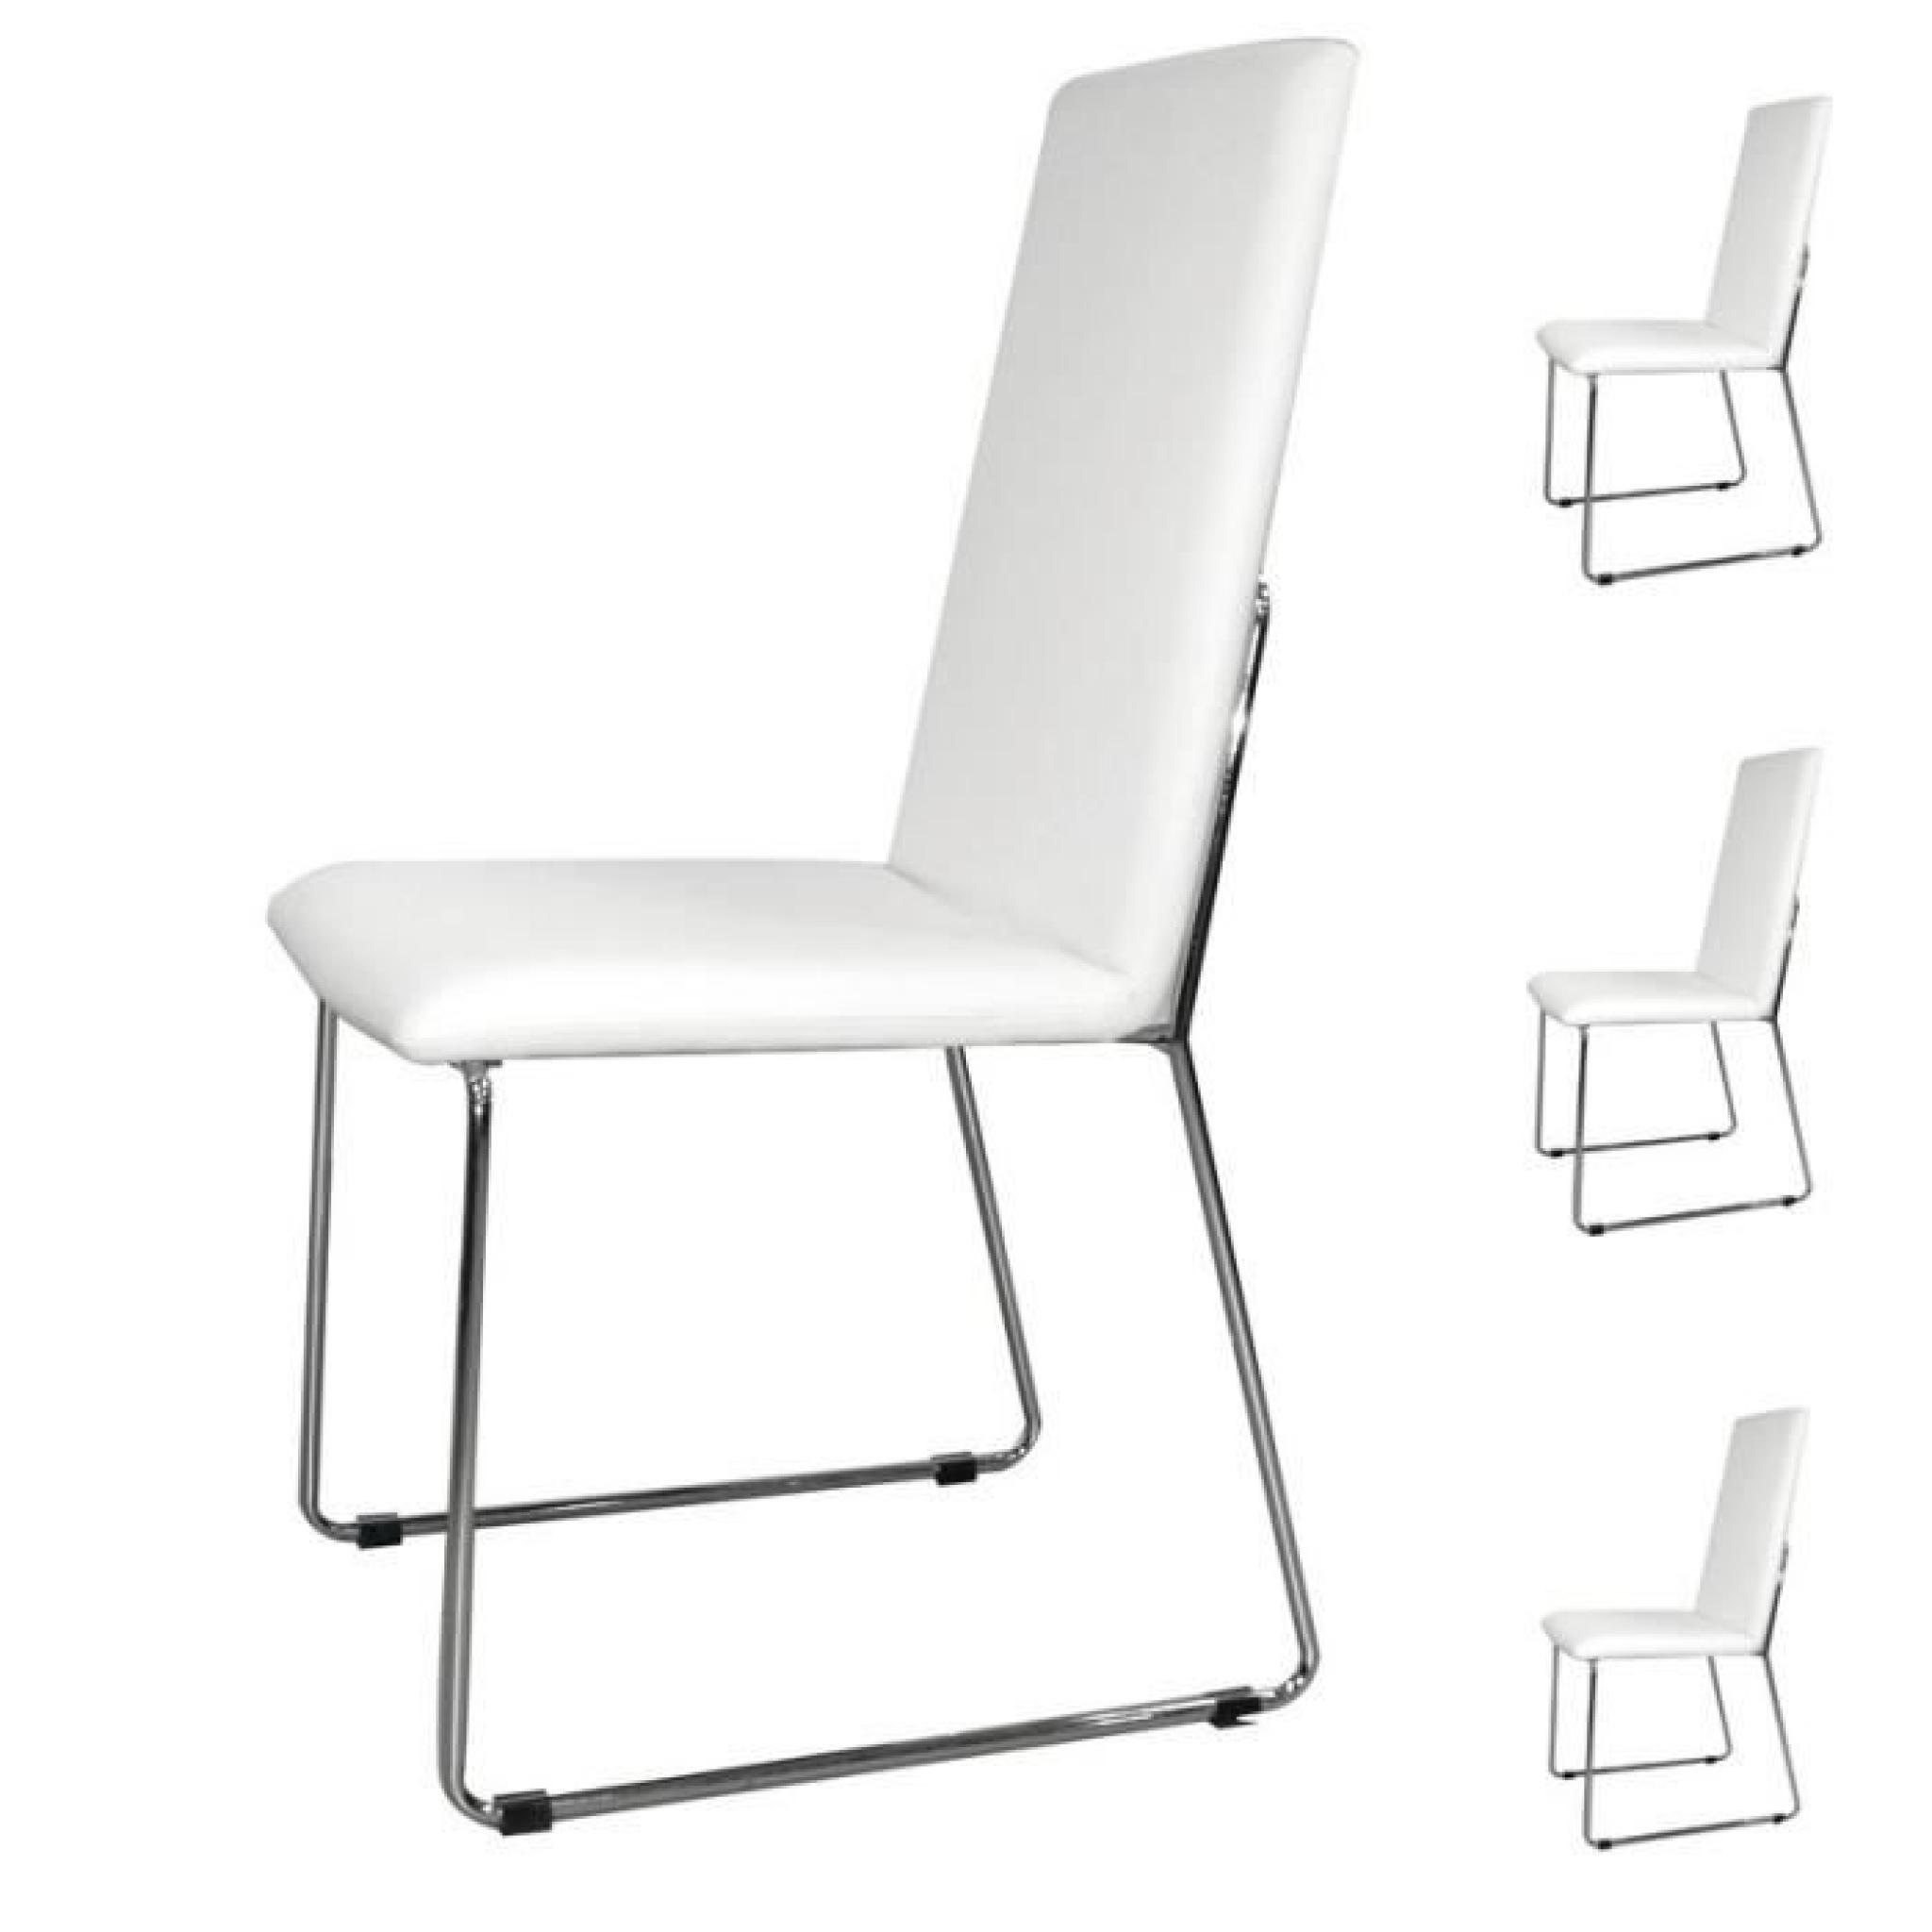 quatuor de chaises pu blanc turin achat vente chaise salle a manger pas cher couleur et. Black Bedroom Furniture Sets. Home Design Ideas